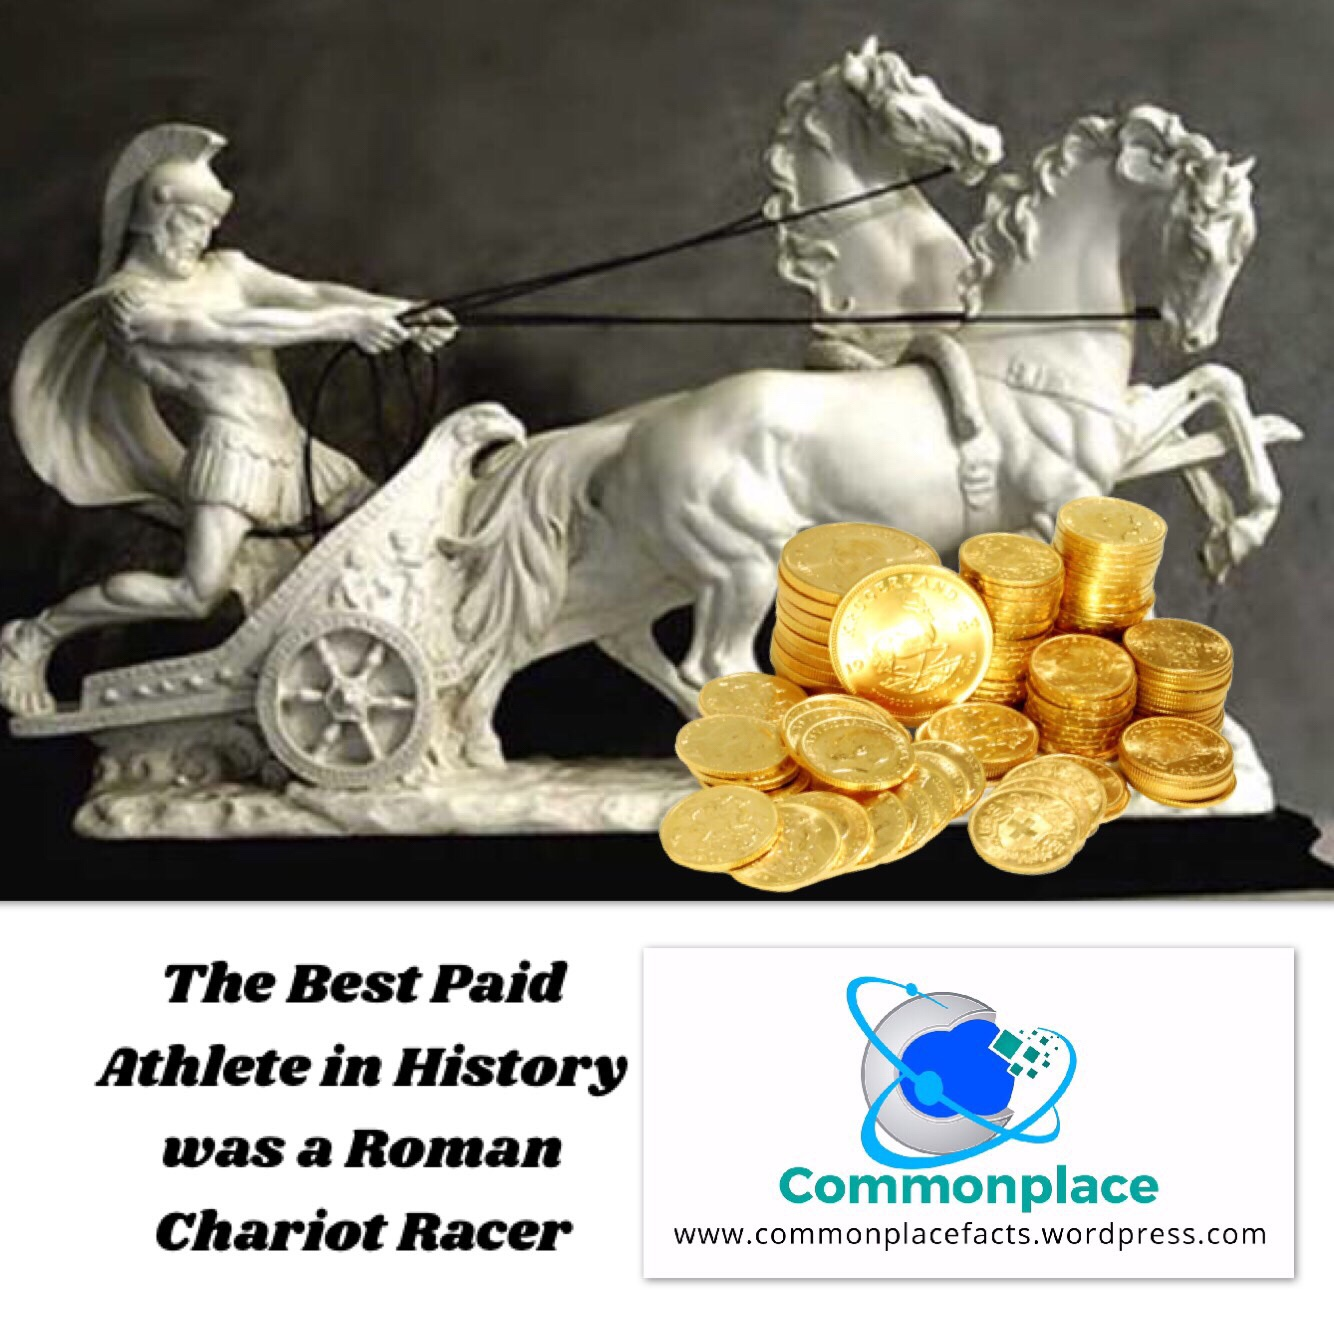 #sports, #richestathlete, #money, #sportssalaries, #funfacts